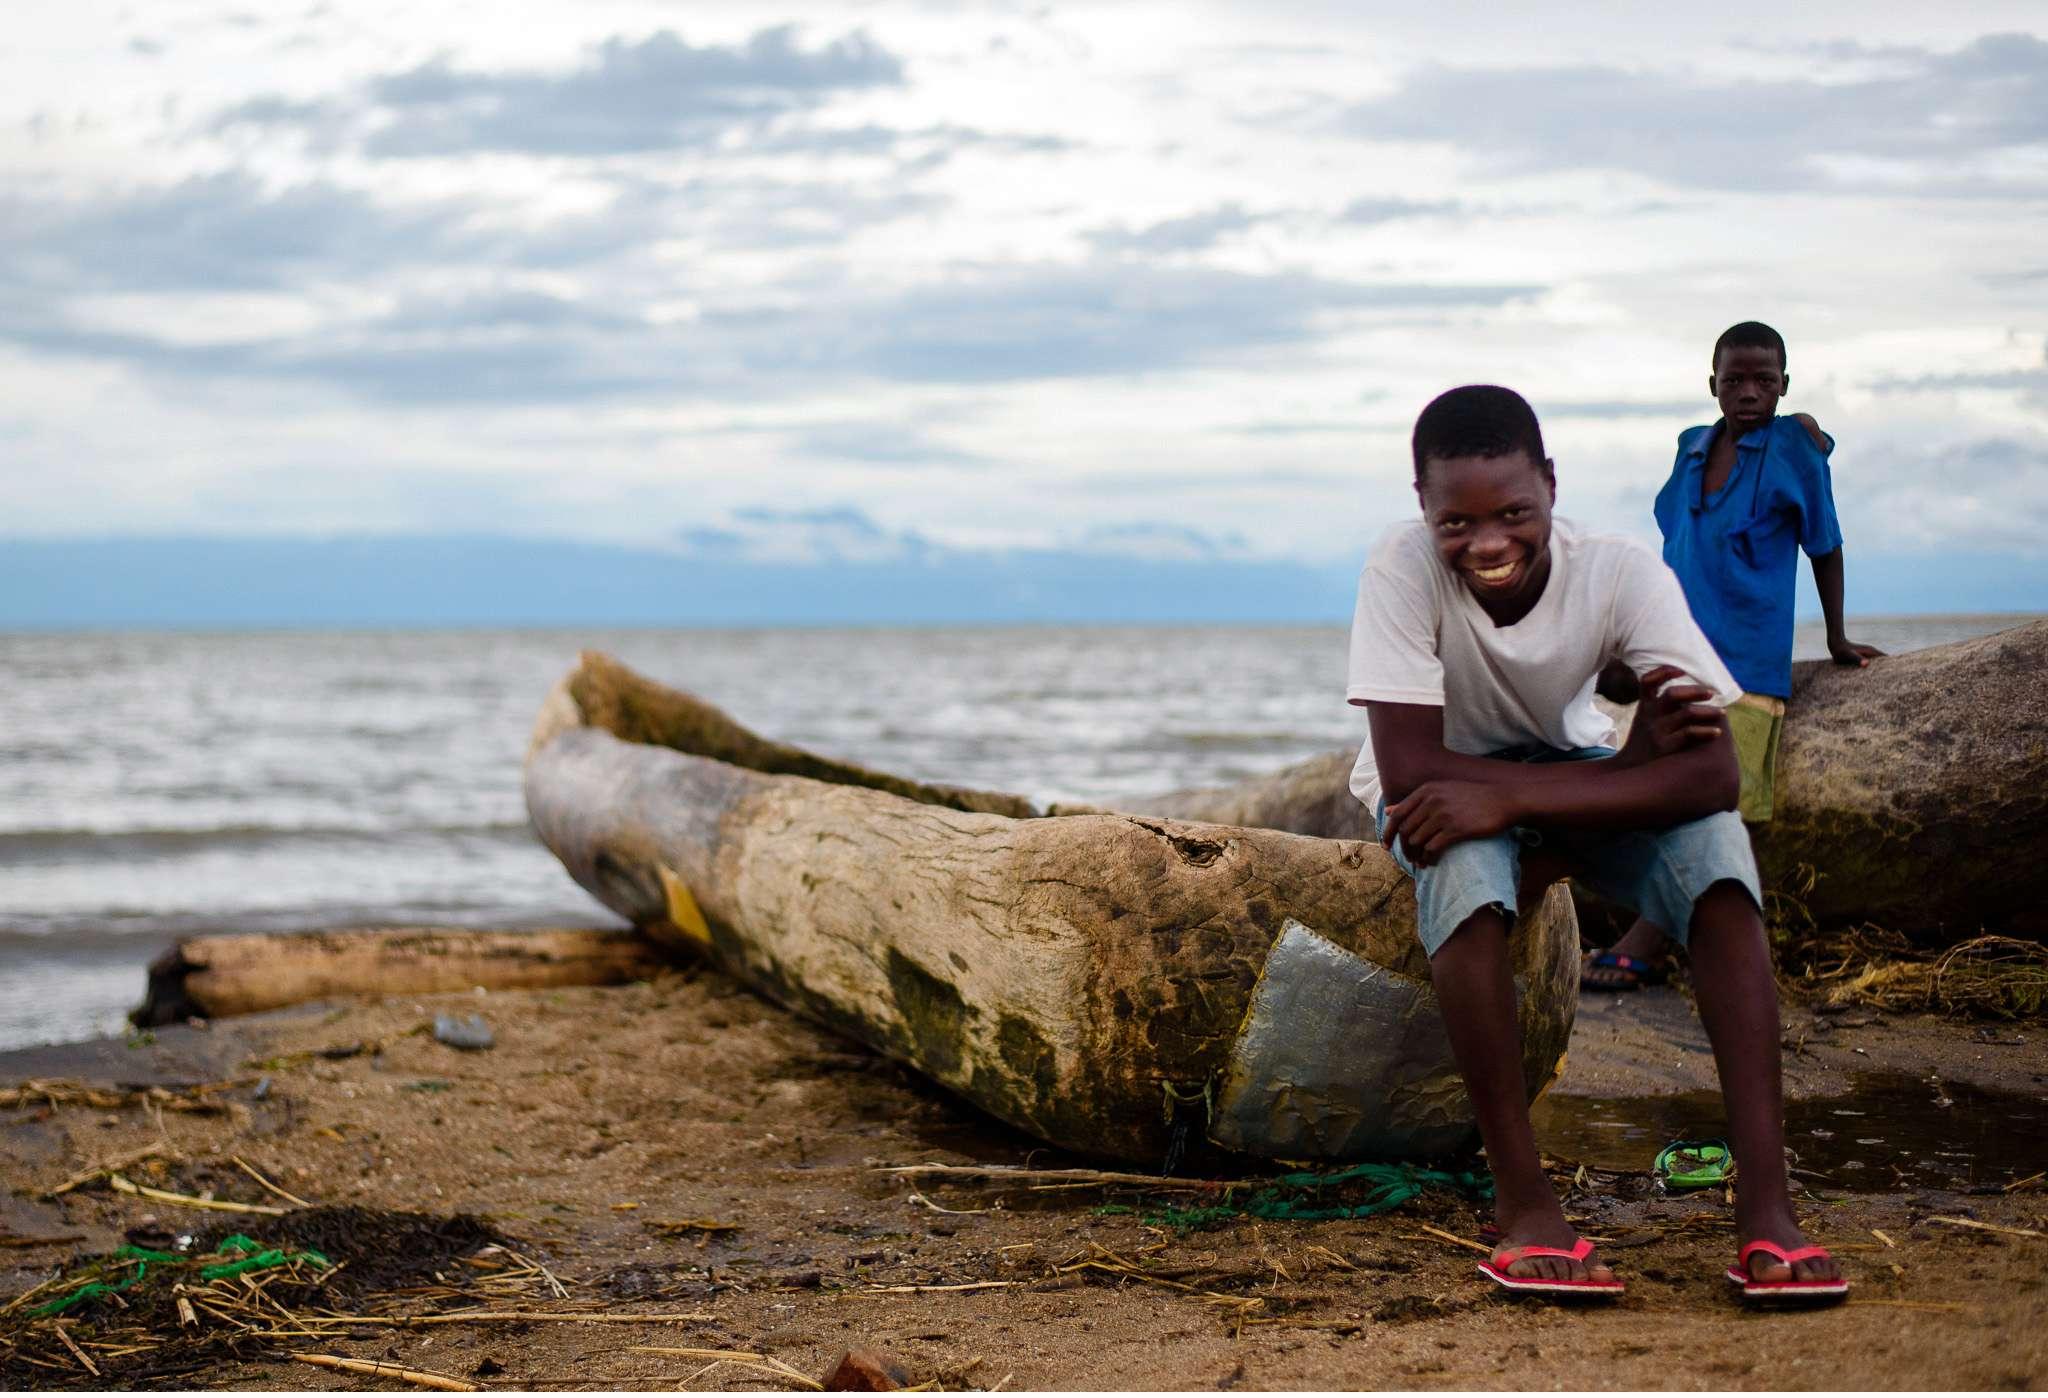 Malawi-Quer durch Afrika- Geschichten von unterwegs by Marion and Daniel-88